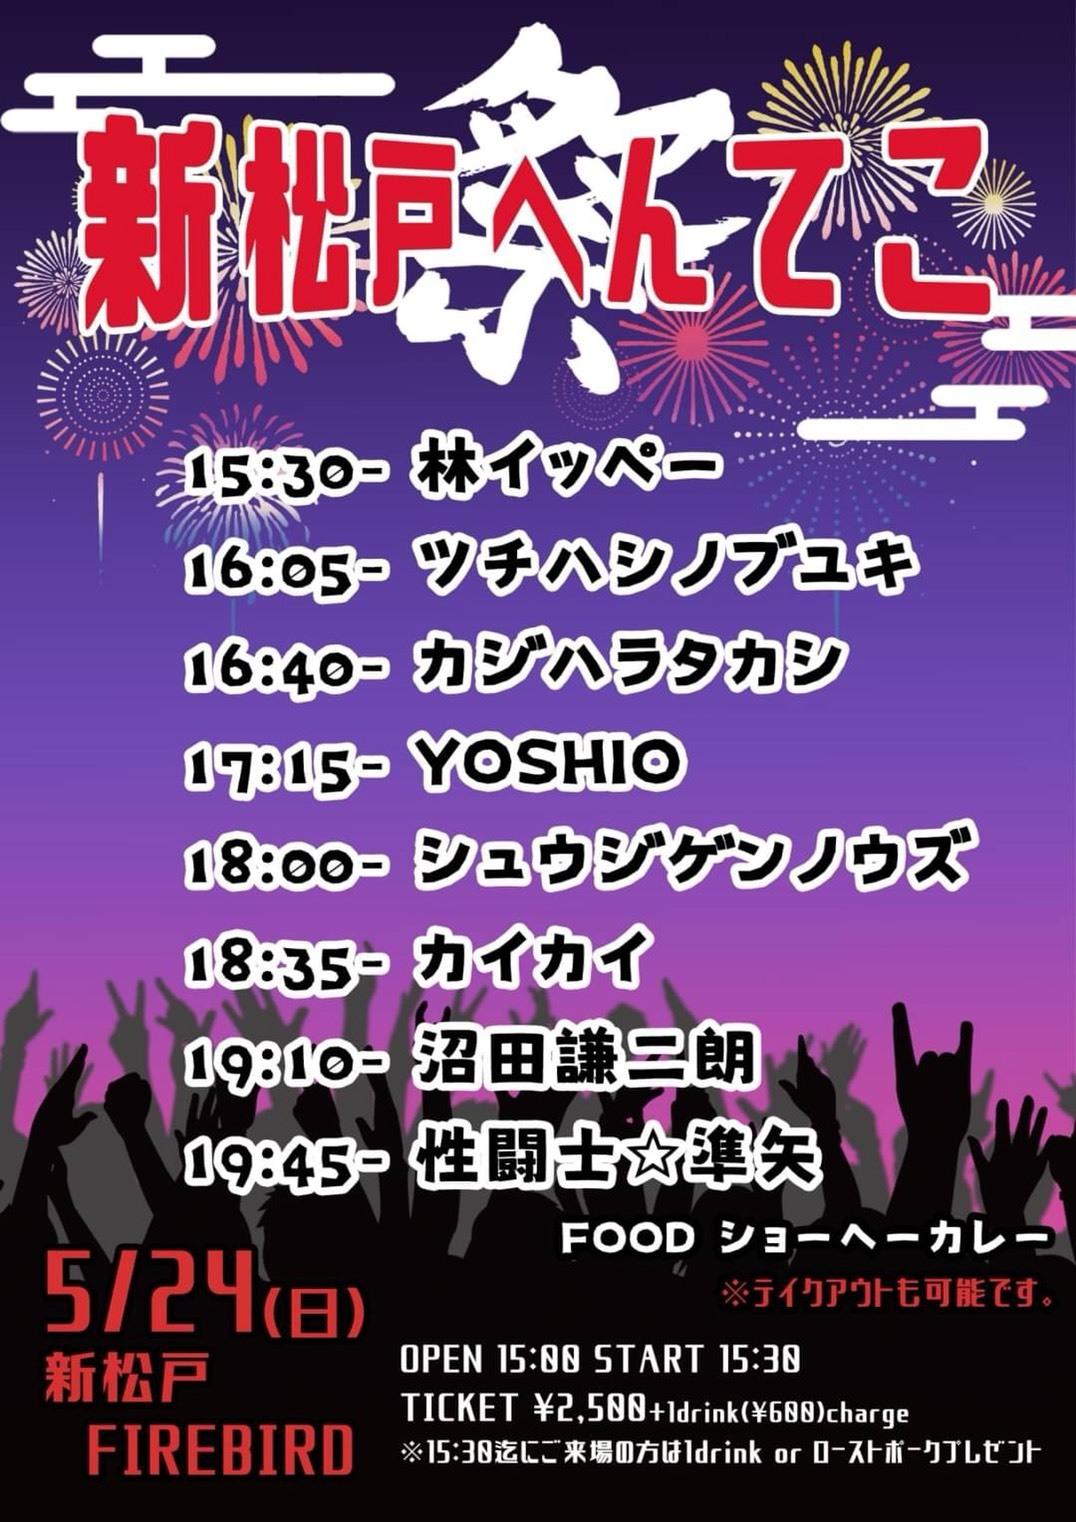 新松戸へんてこ祭_f0263613_11133026.jpg